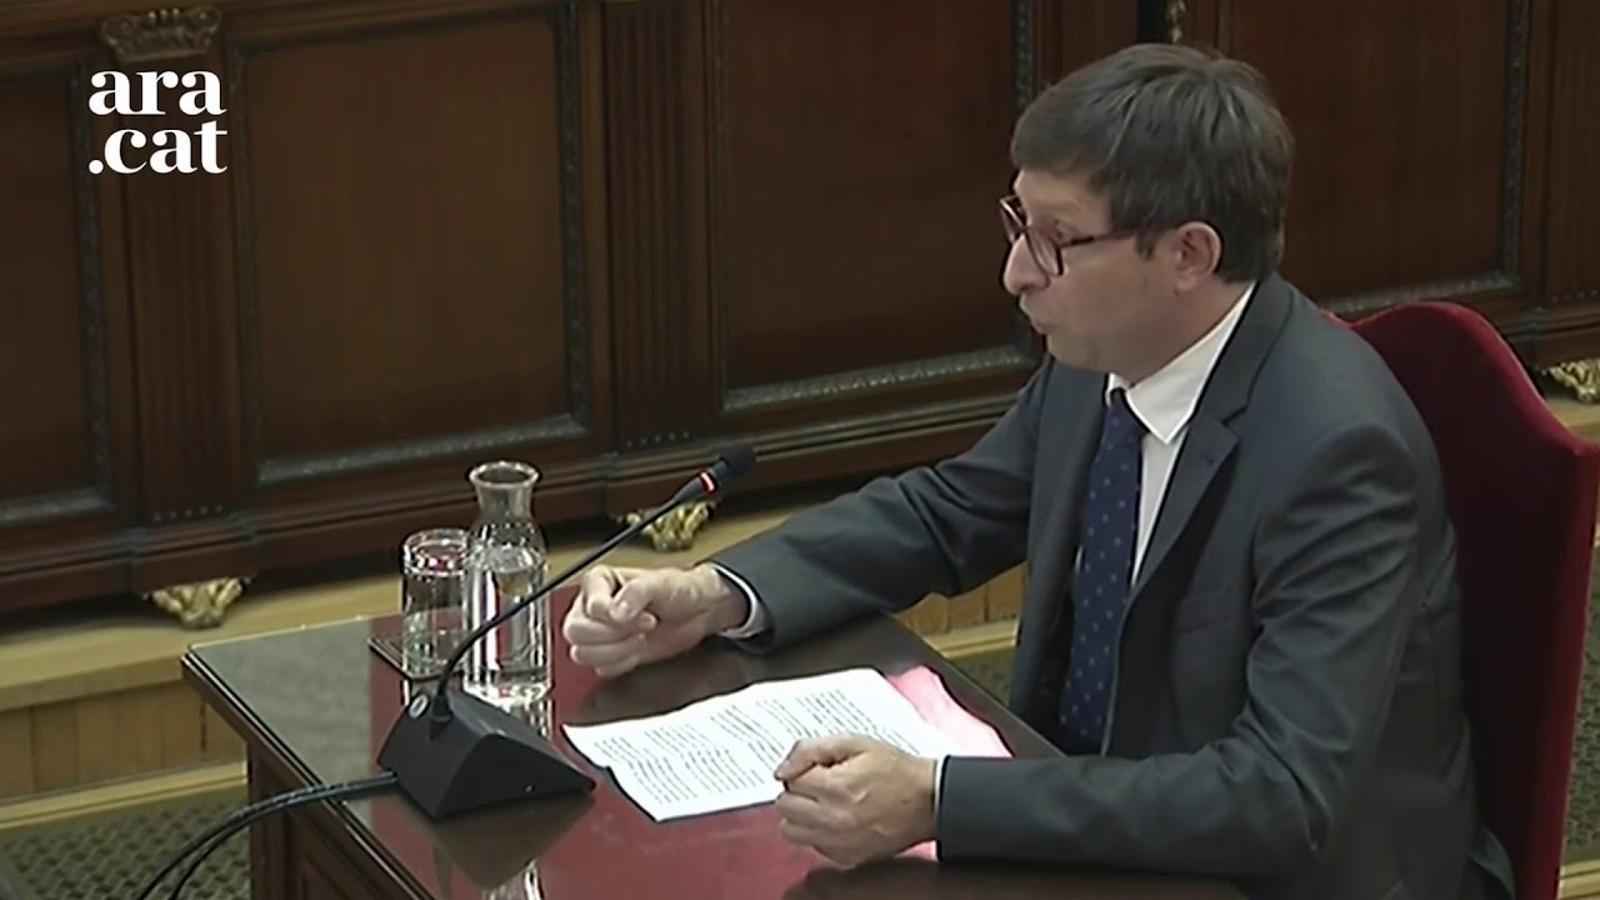 """Carles Mundó: """"Aquest judici és el resultat del fracàs de la política, però crec que estem a temps de trobar solucions, mai és tard"""""""